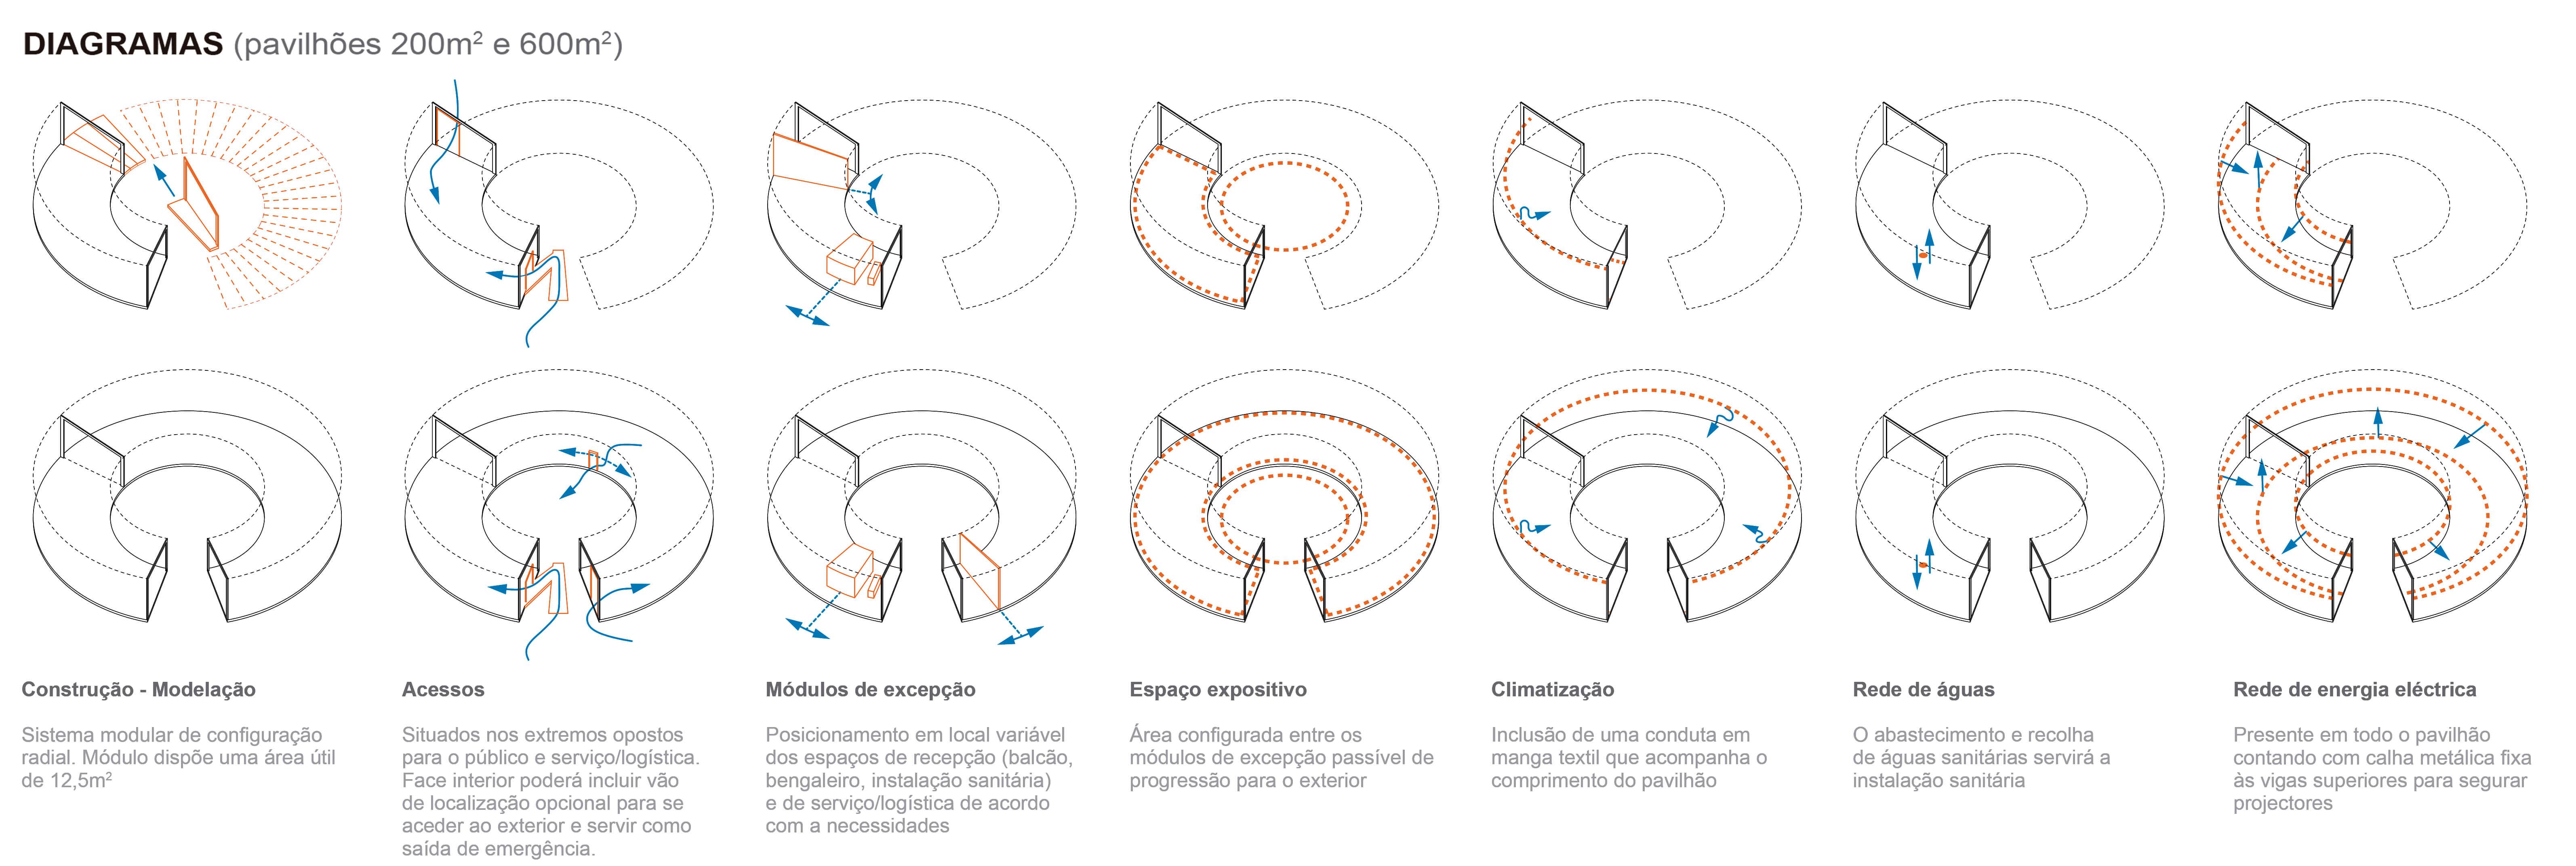 Diagramas_pavilhões 200m2 e 600m2_rev